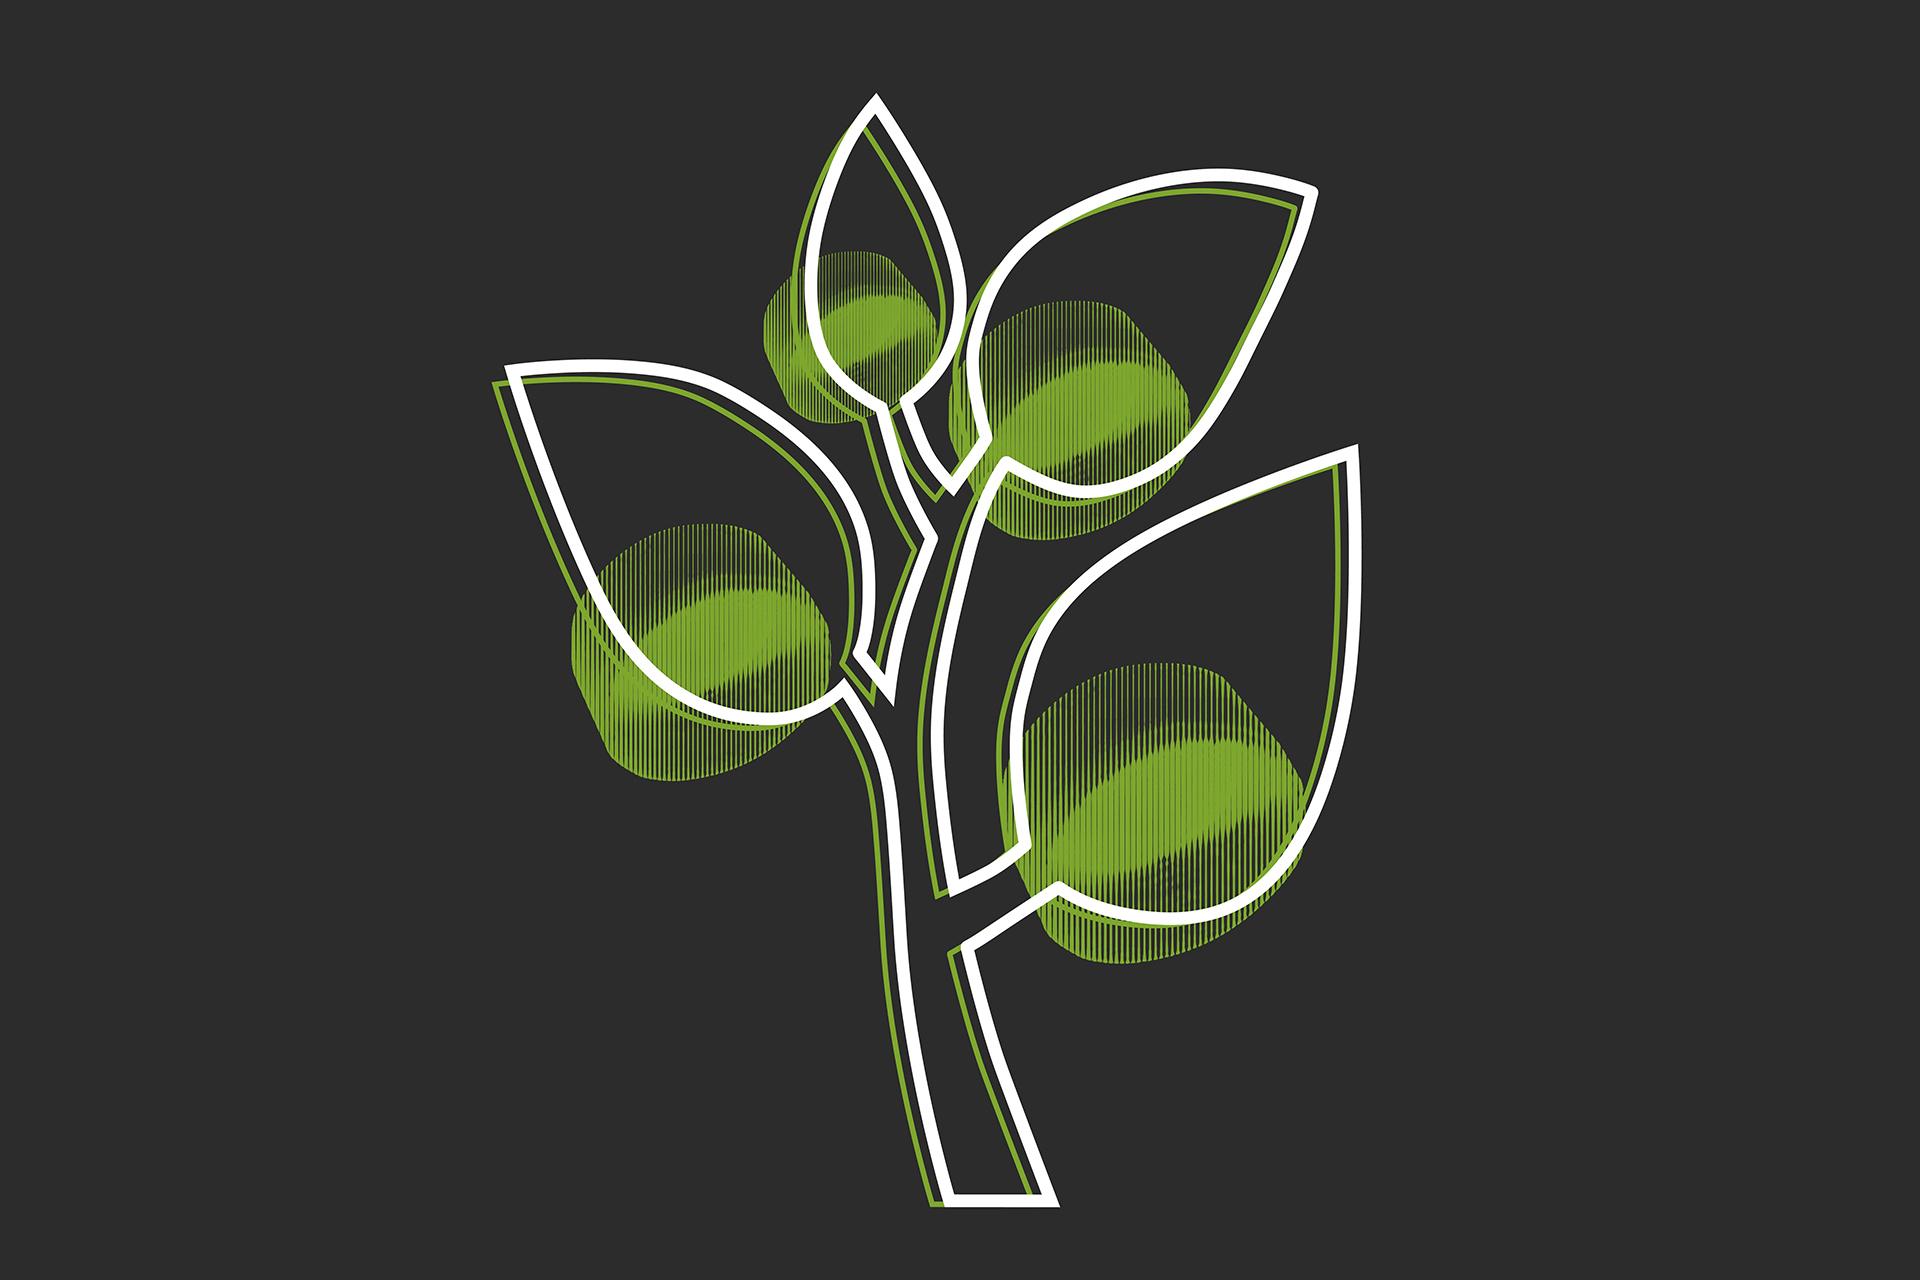 podoba_drevo_rasti_gorenje